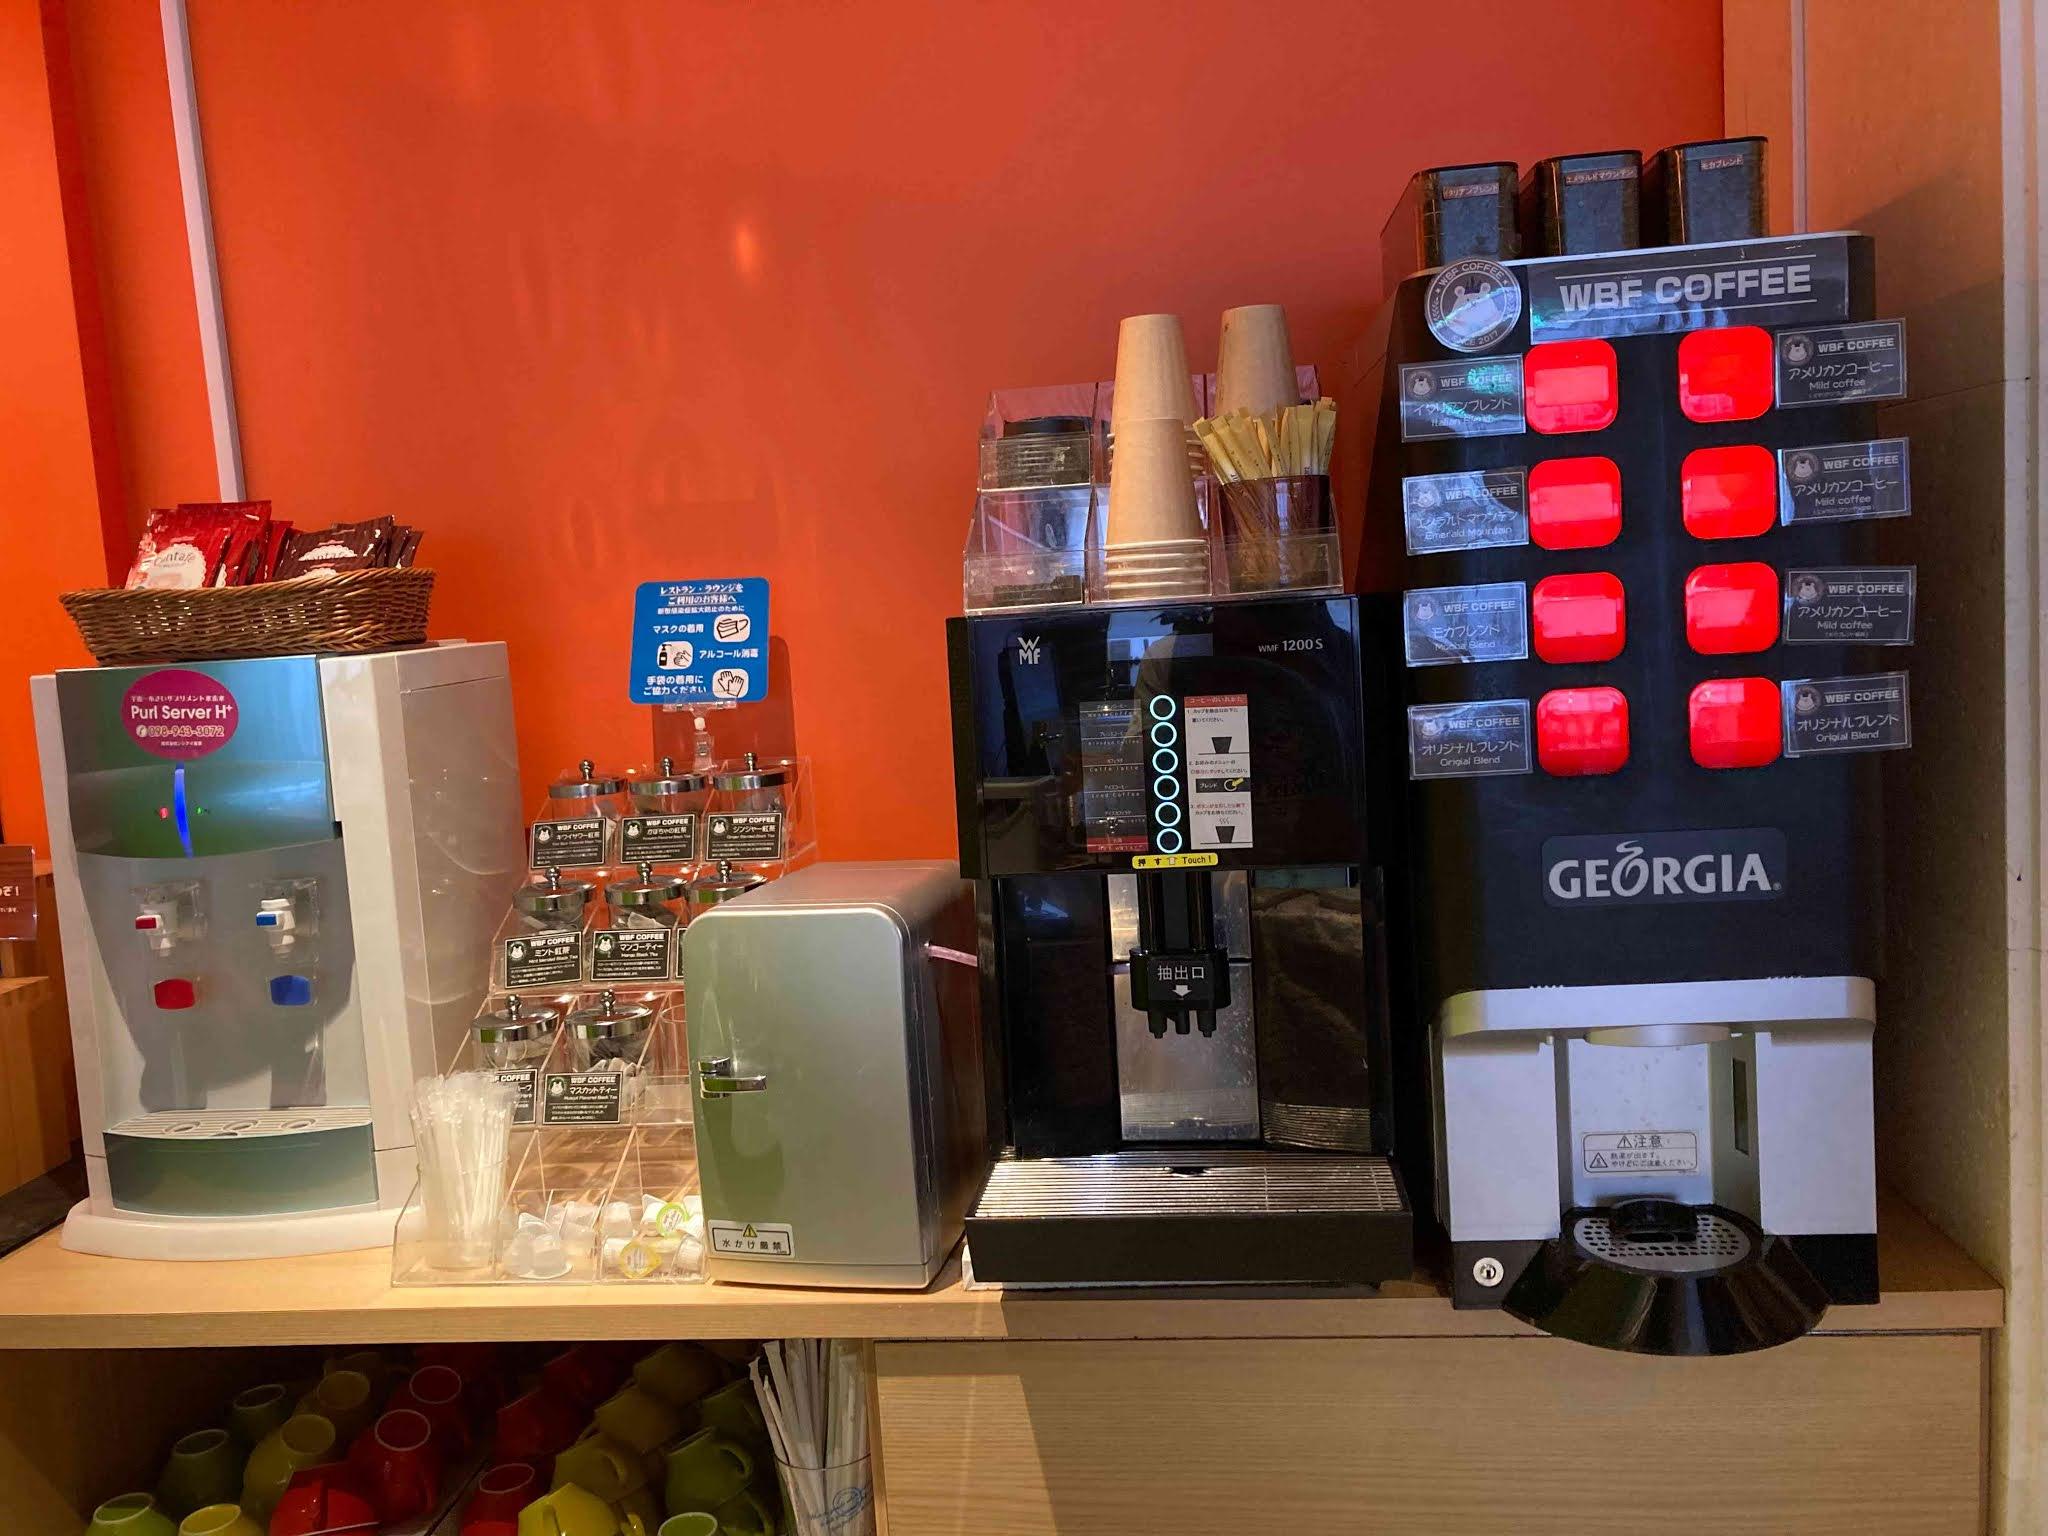 ホテルWBFアートステイ那覇 お茶やコーヒーも飲み放題です